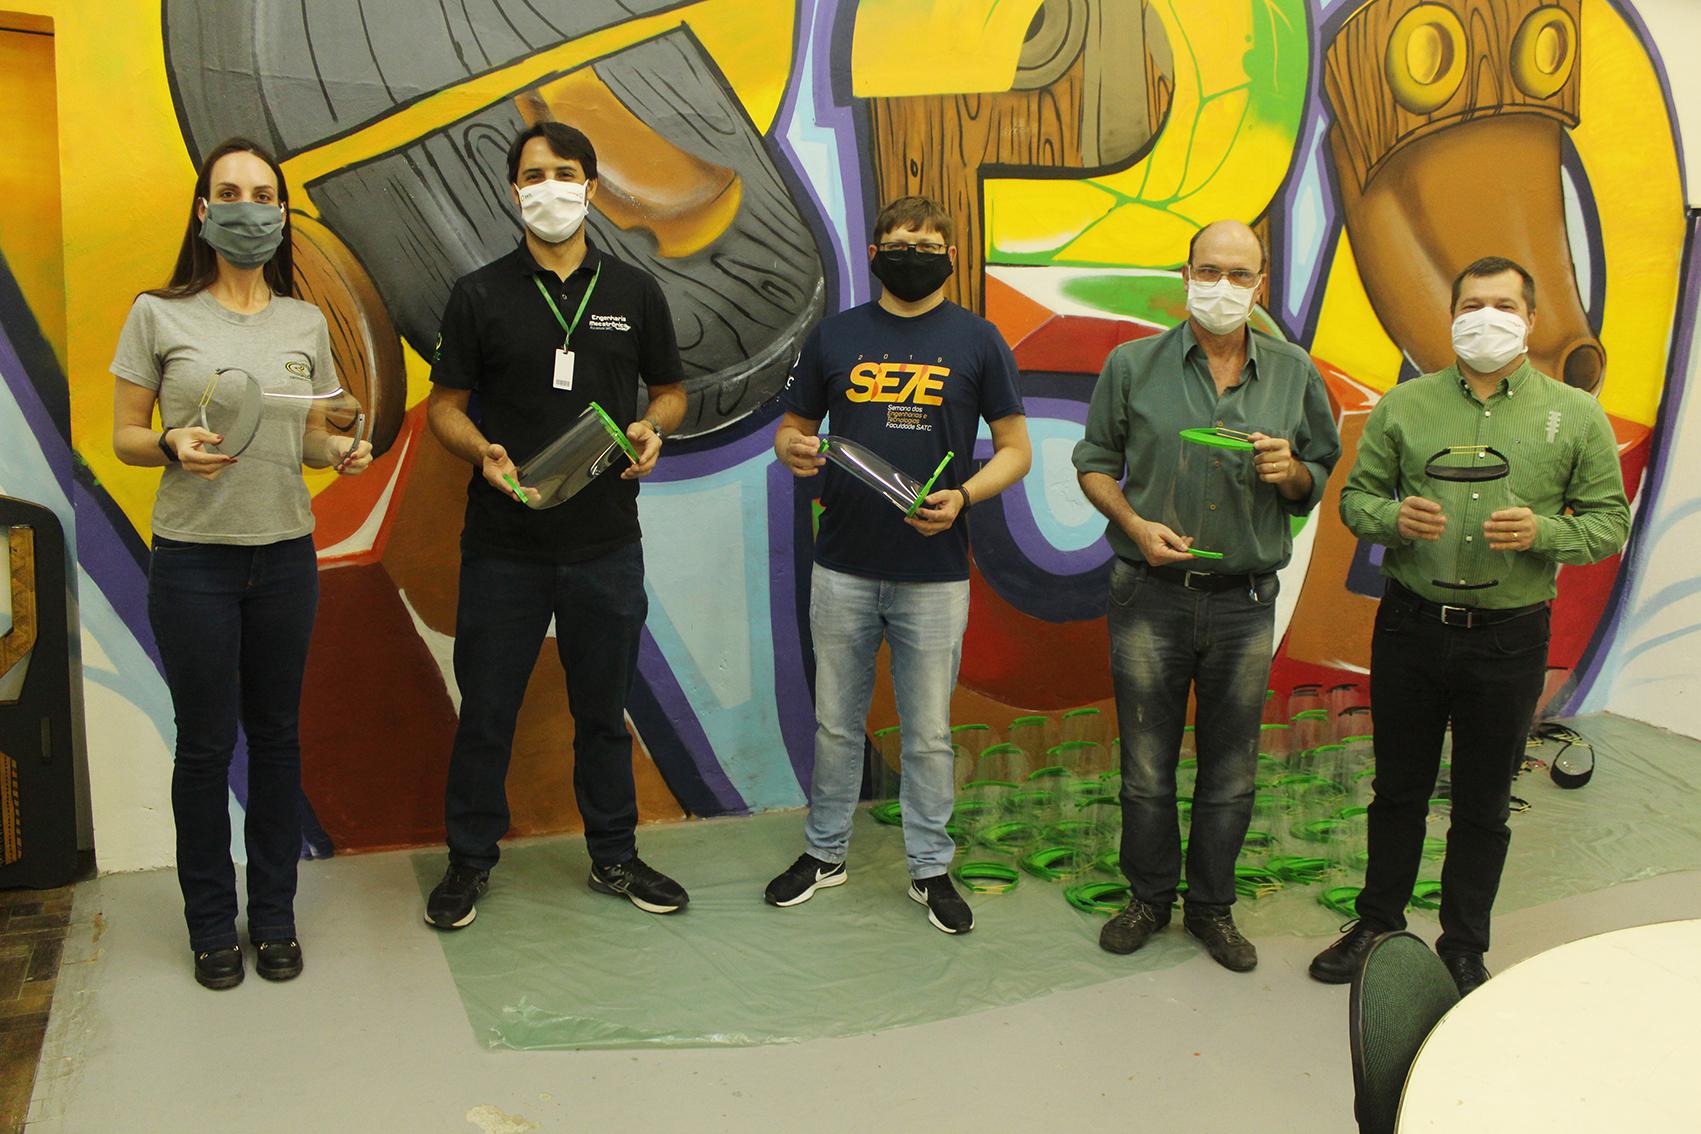 Rio Deserto entrega máscaras de proteção facial para hospitais e secretarias de saúde